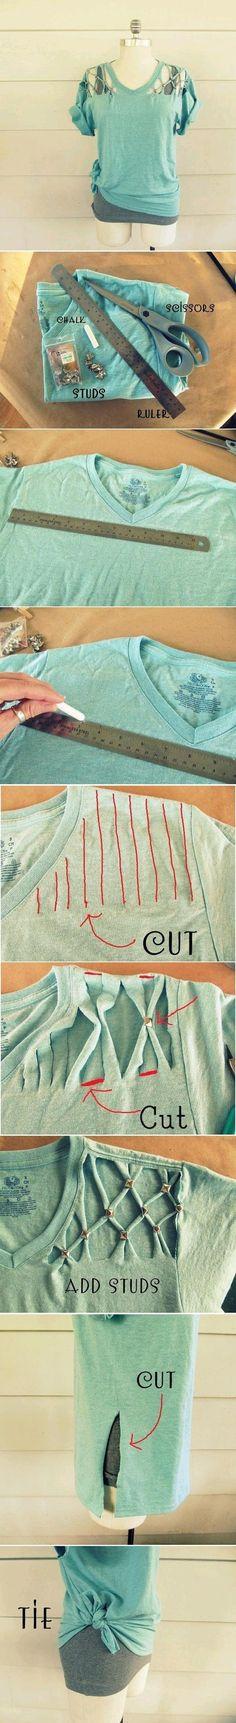 sew, fashion, idea, craft, cloth